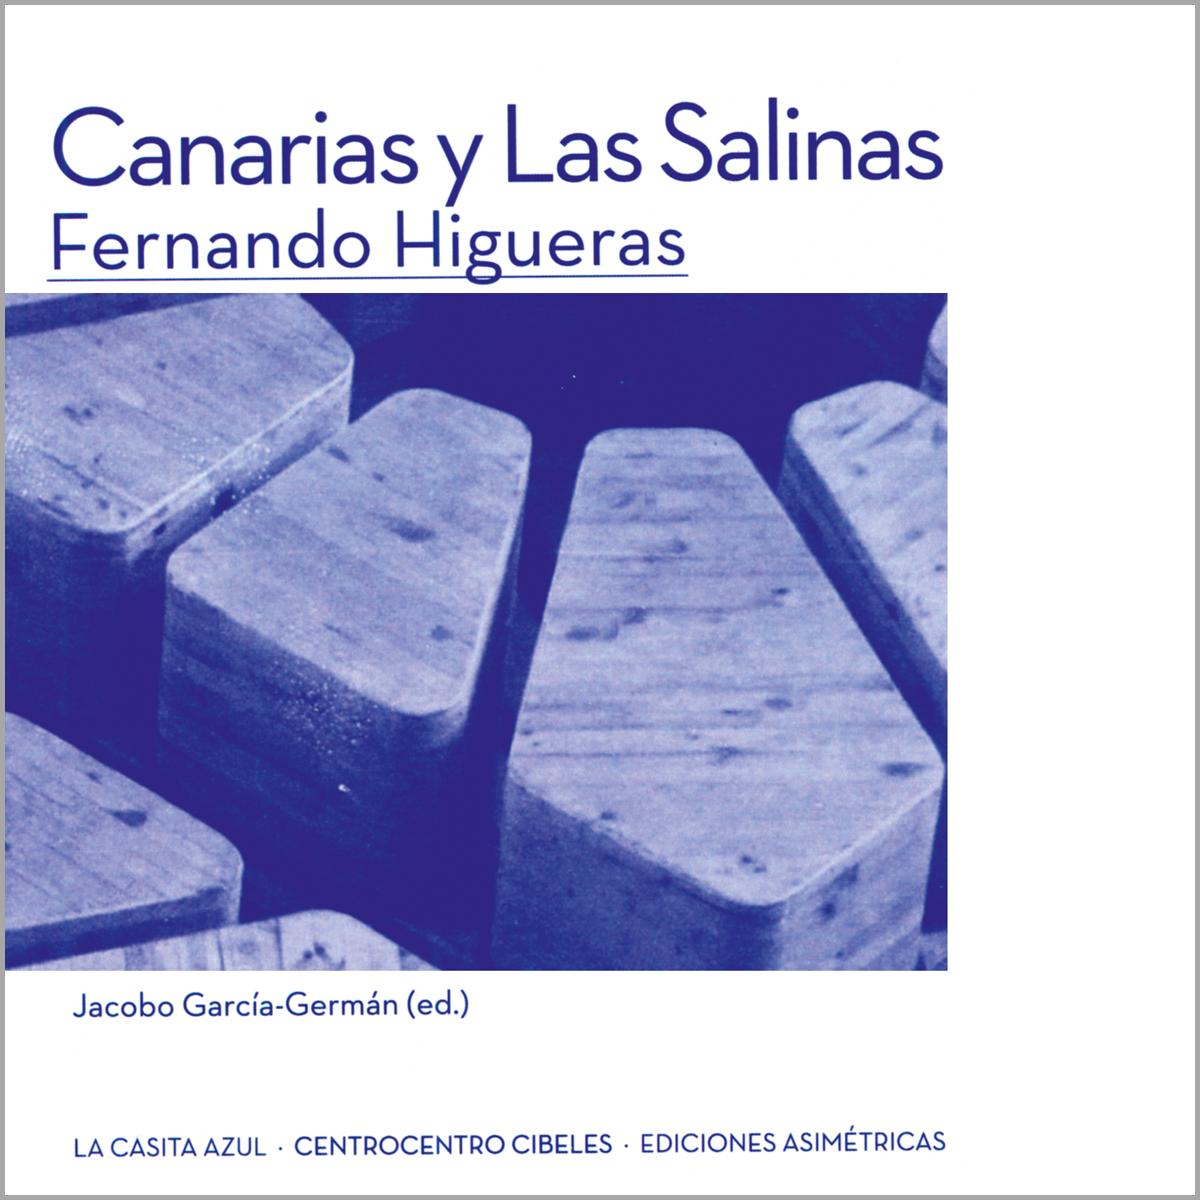 Canarias y Las Salinas. Fernando Higueras